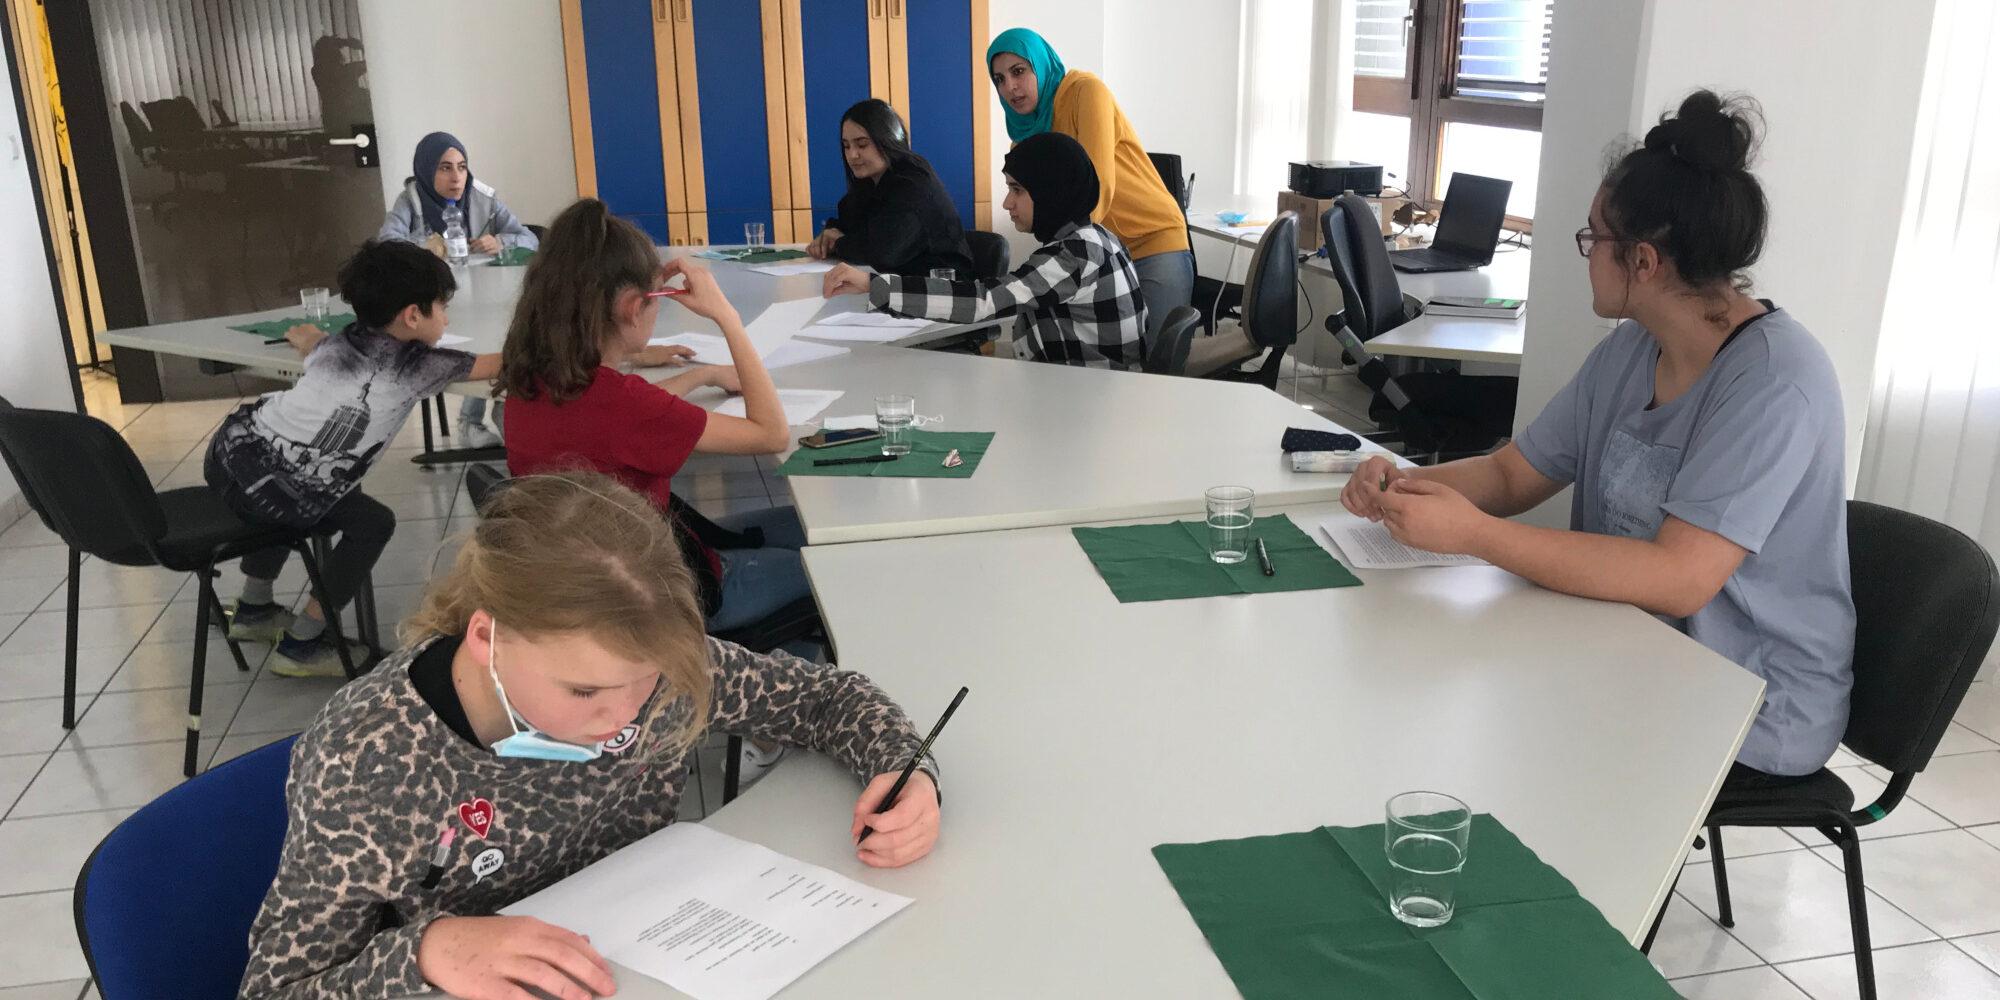 Nadia berät die Heldicaps beim Illustrieren ihrer Geschichten. Alle sitzen mit an einem großen Tisch.